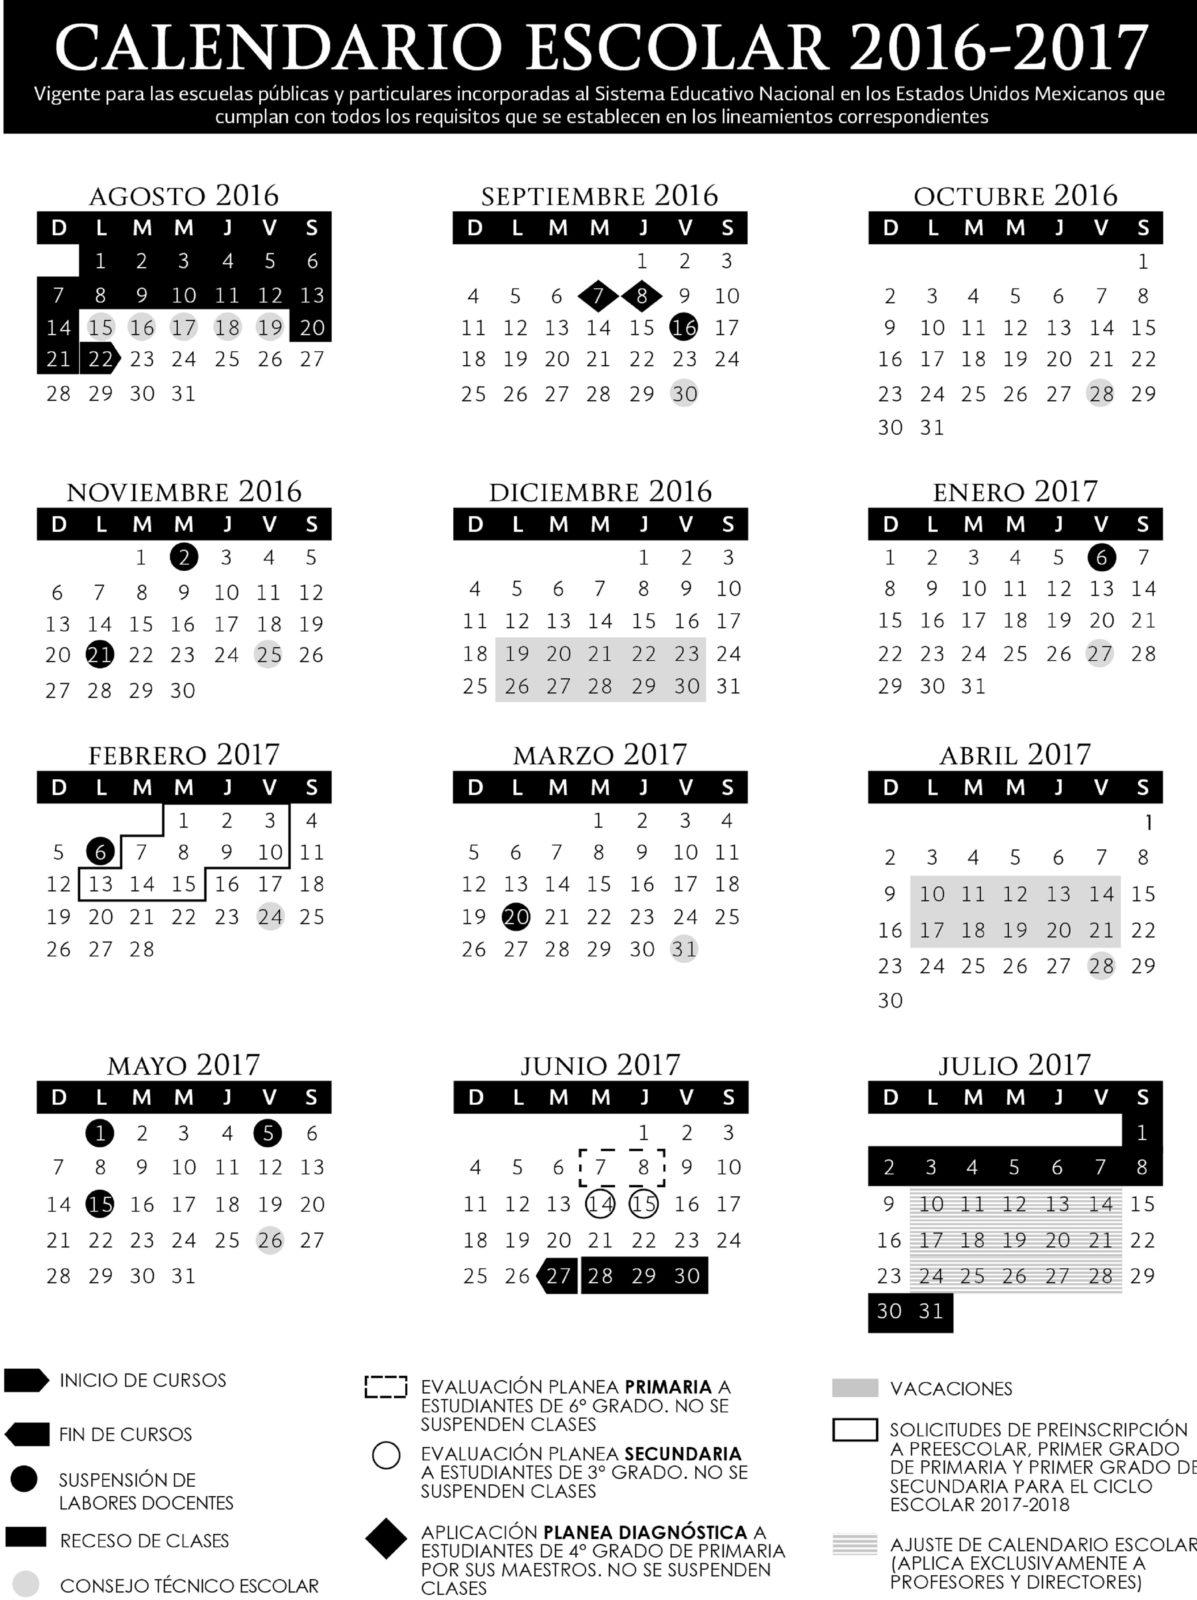 ... 185 dias tiene Como Fecha para el Fin de Curso el 27 de Junio de 2016